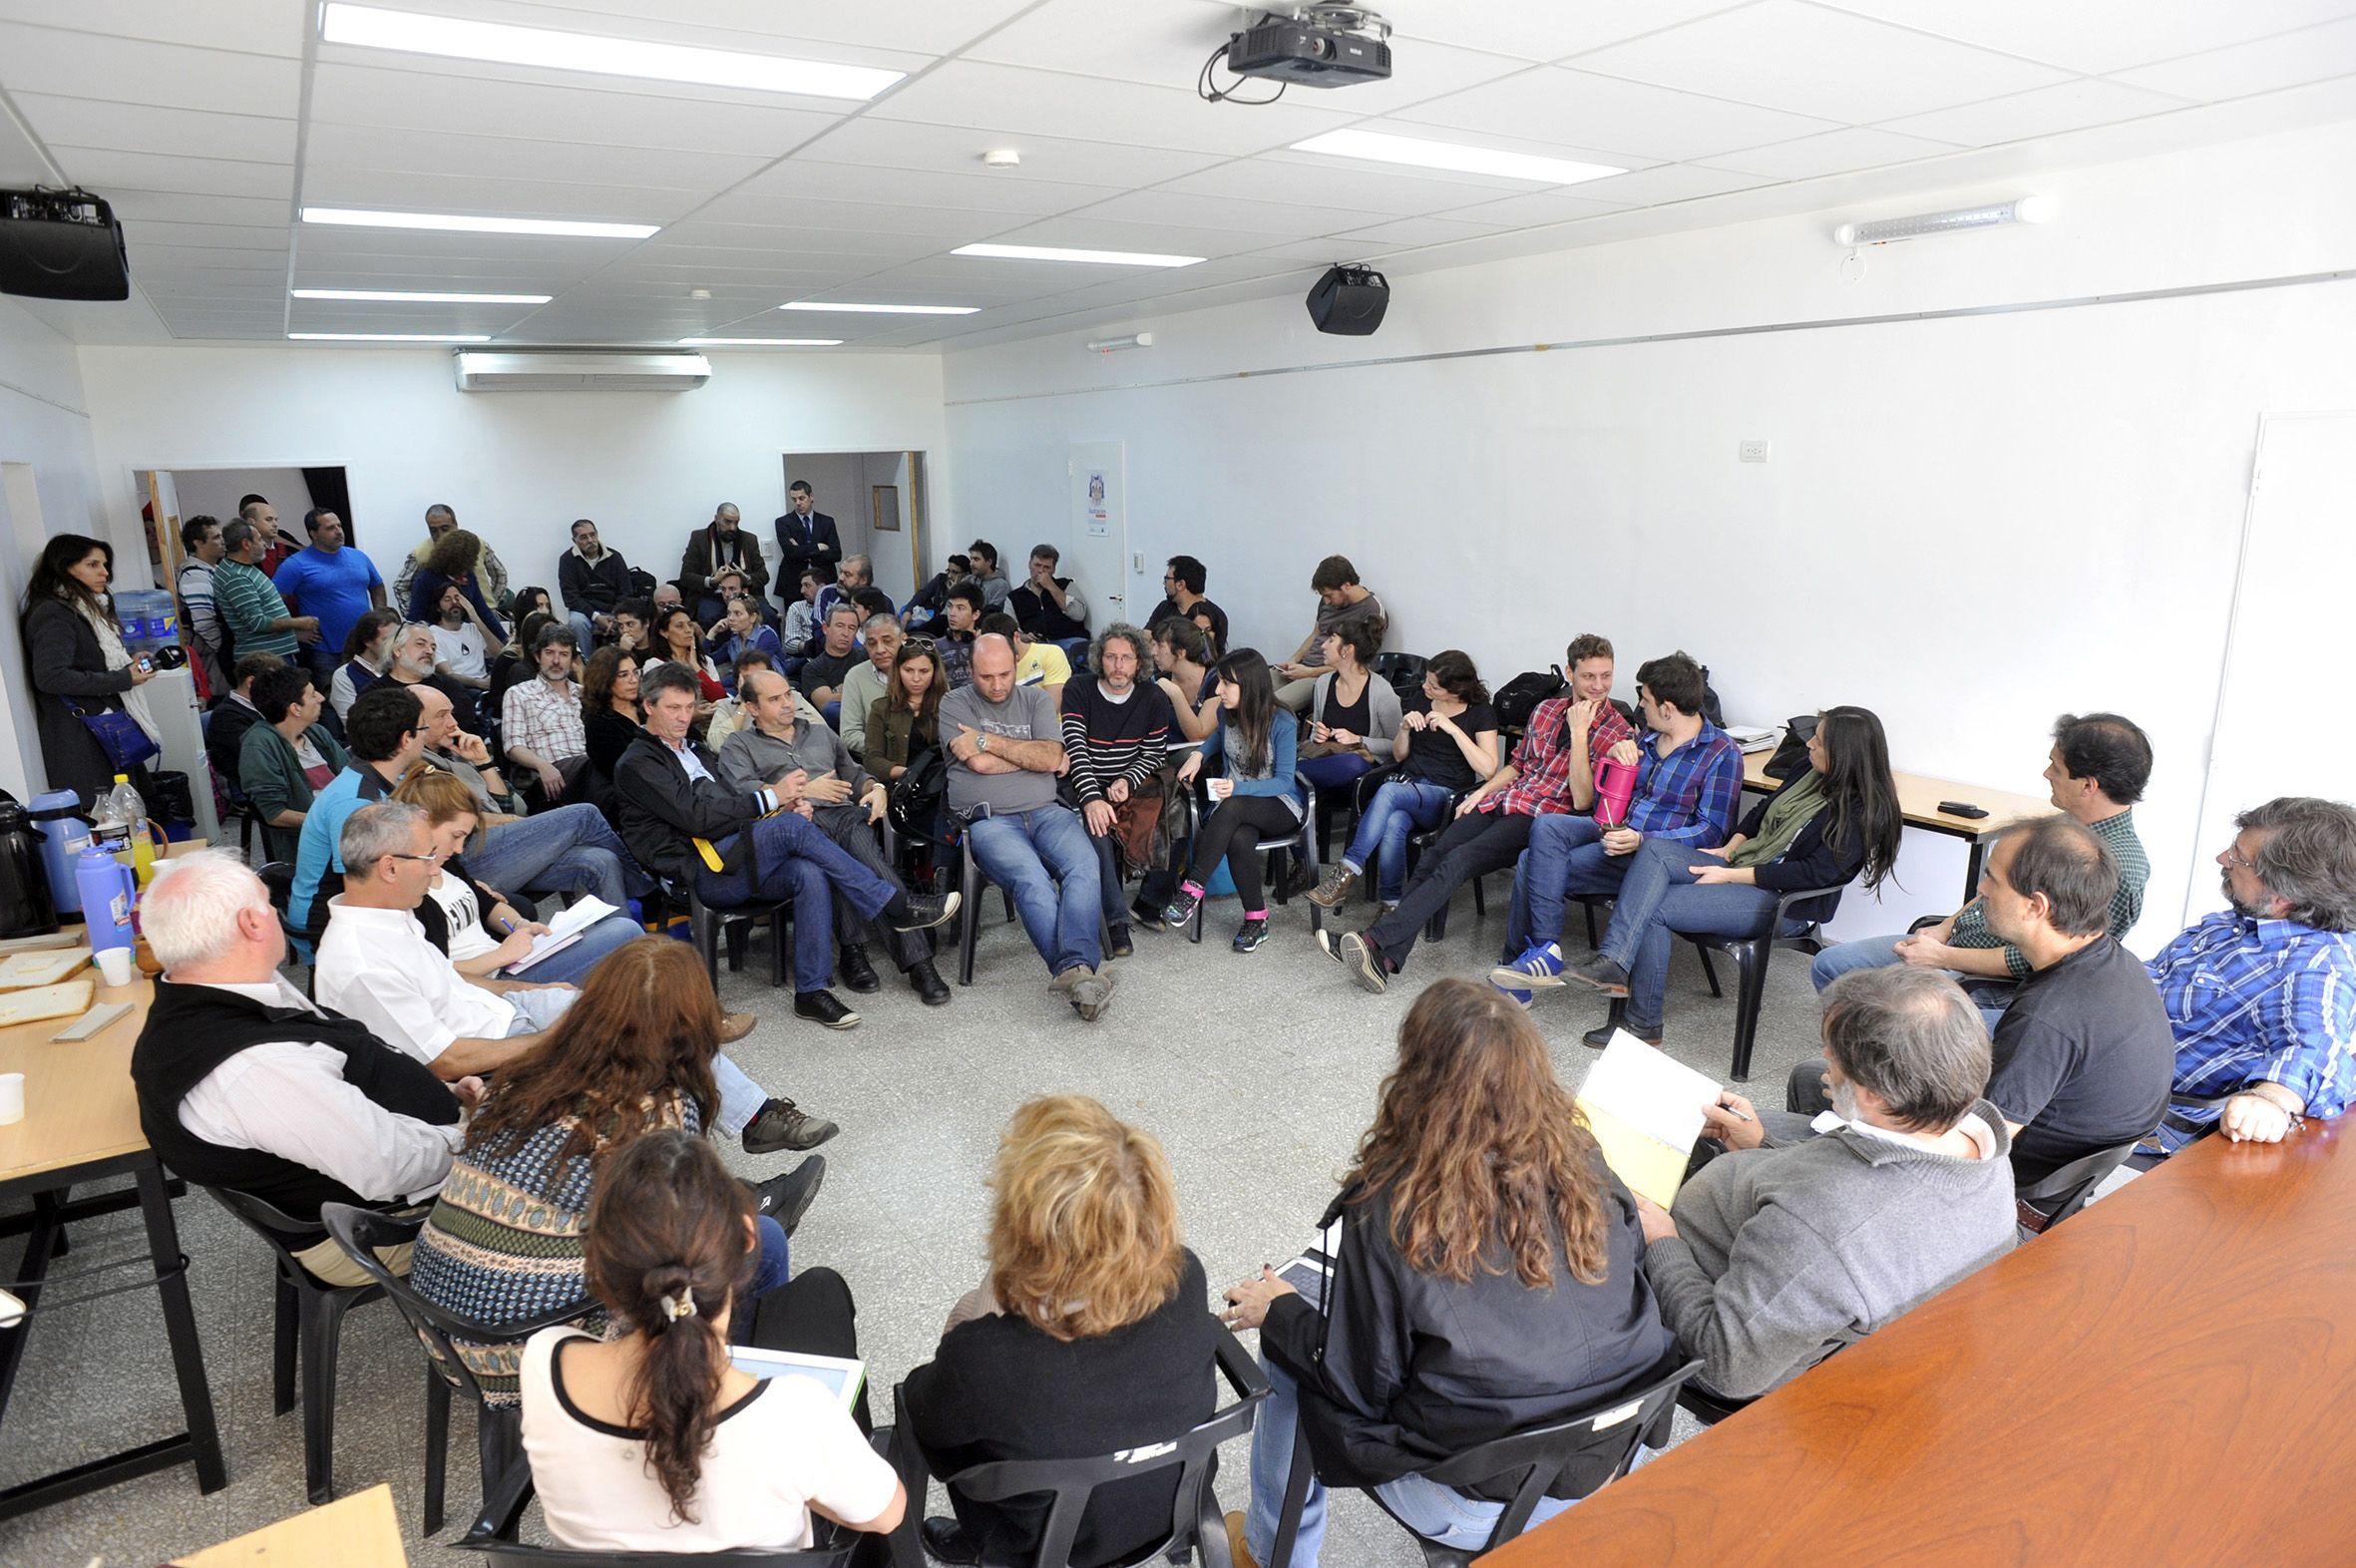 piden medidas. La reunión se desarrolló en el Centro de Formación Profesional Pichincha.